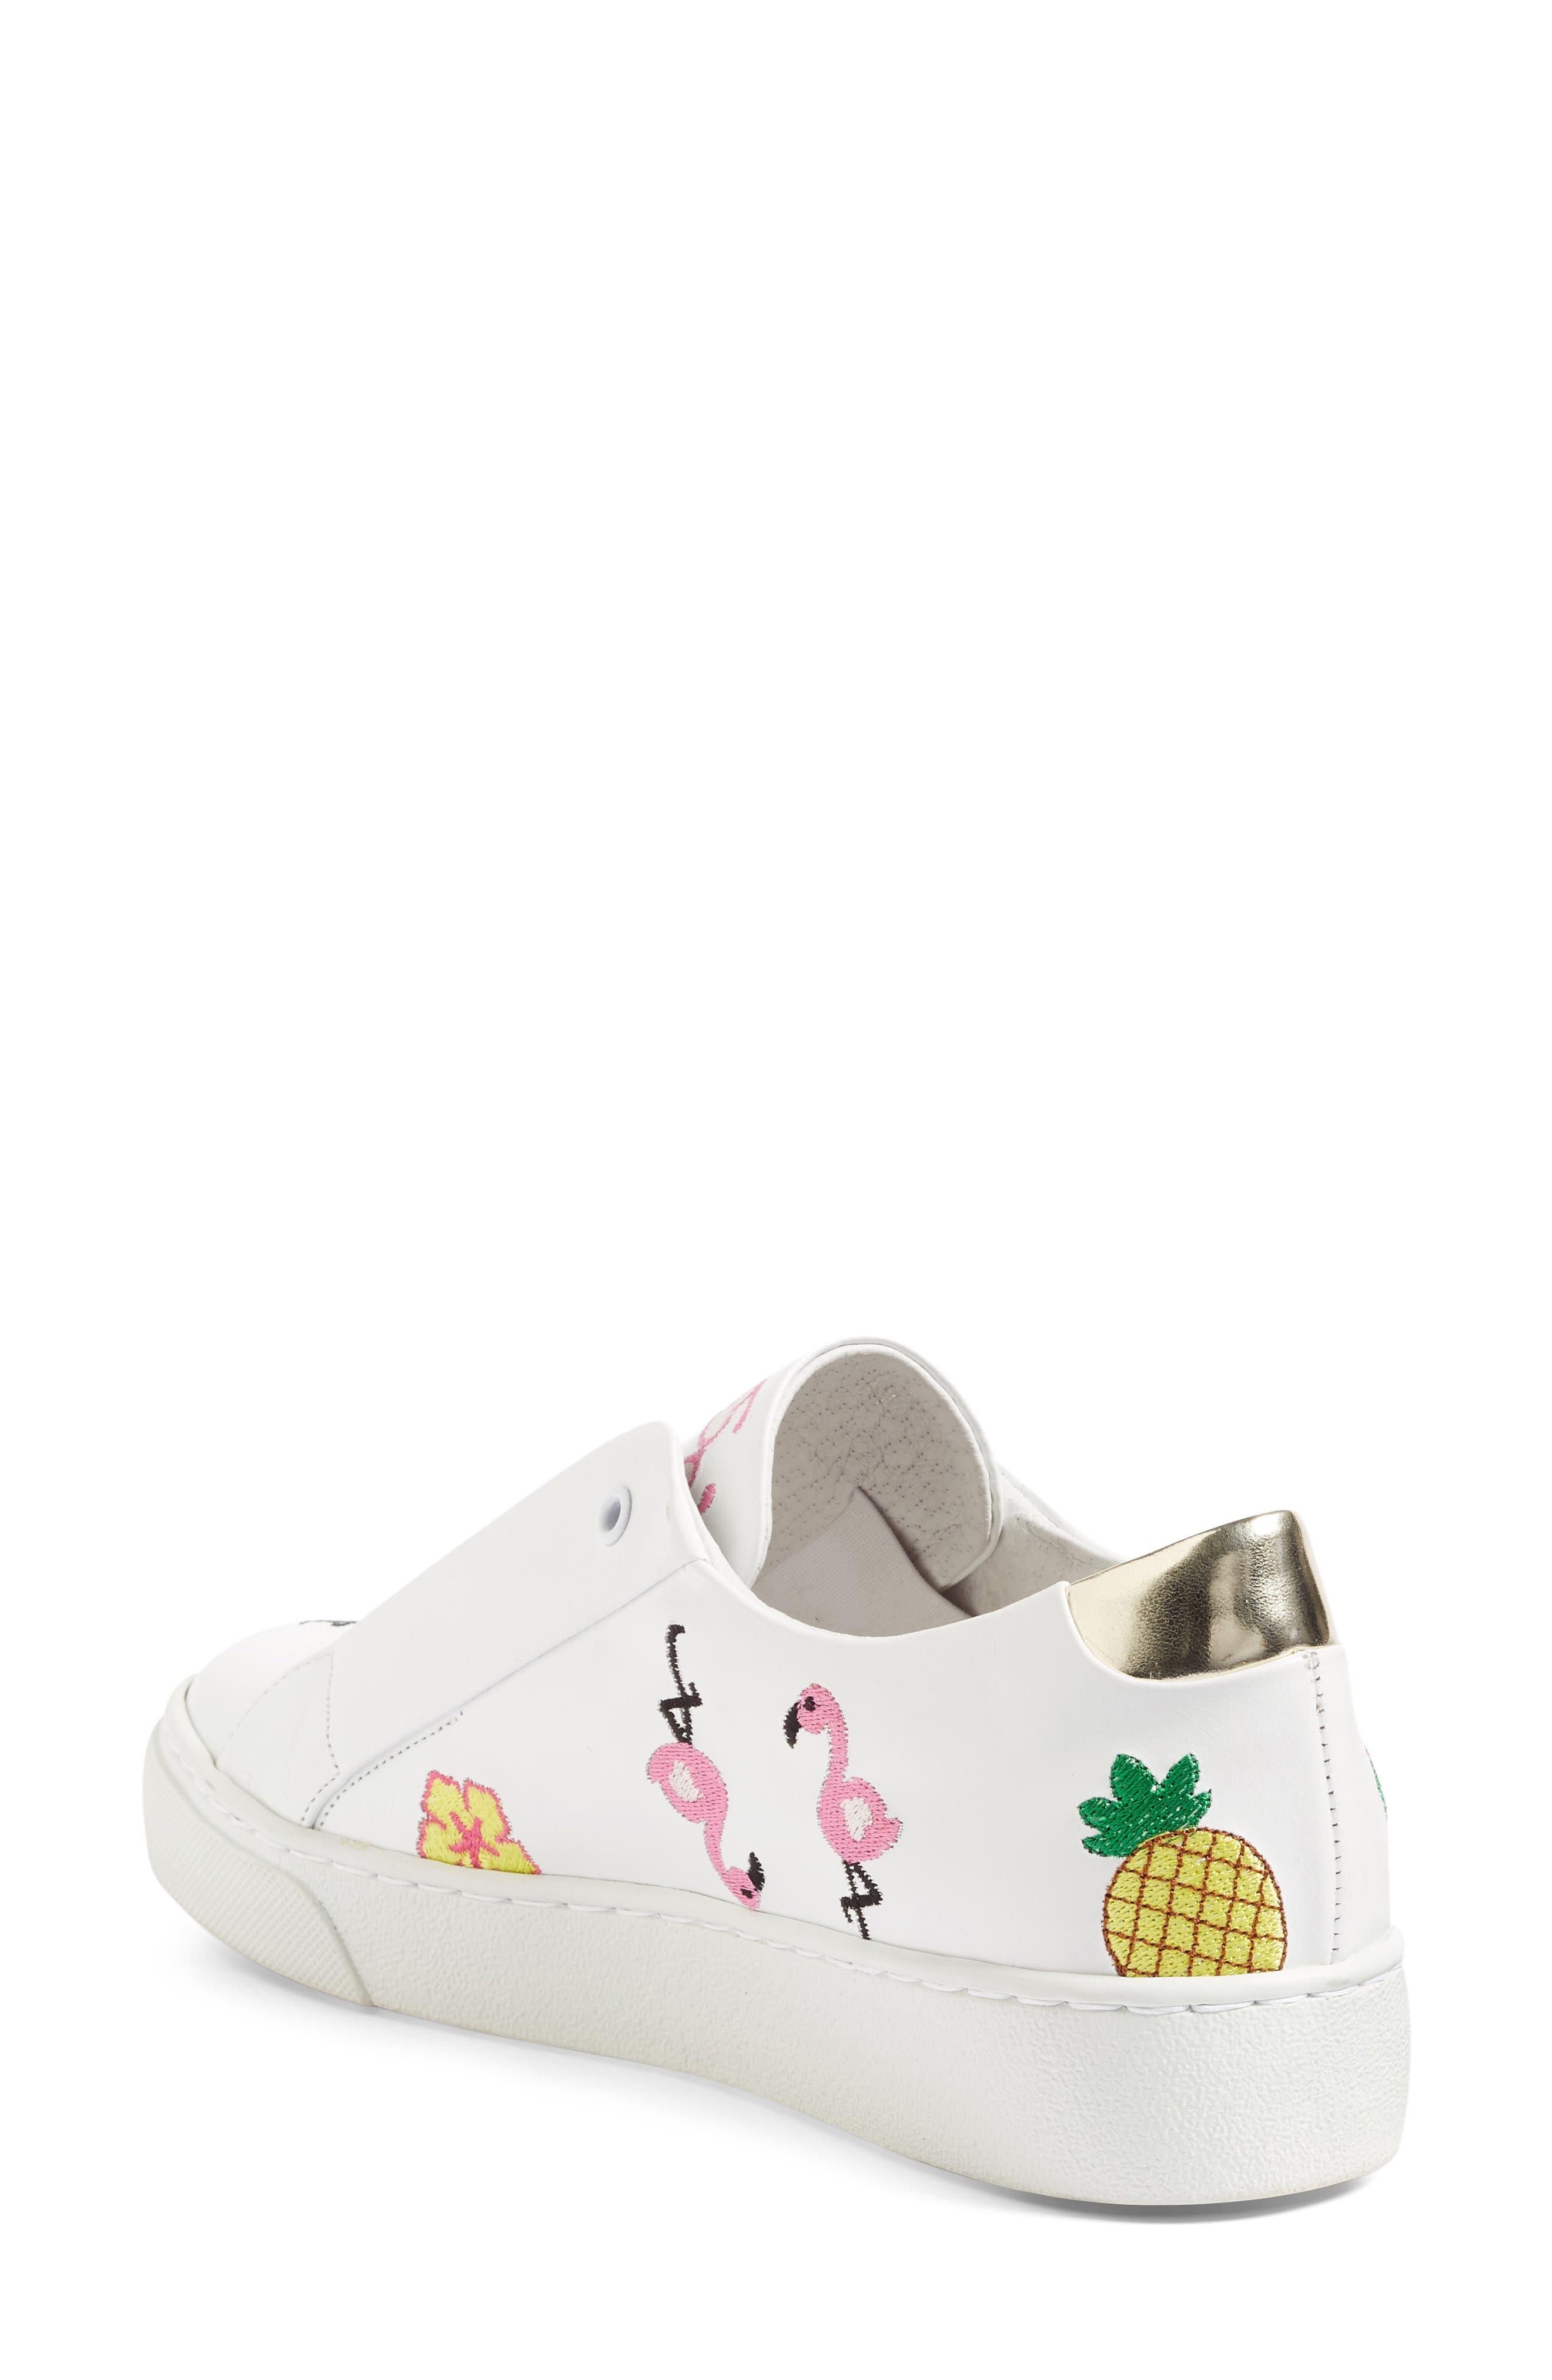 Kamea Slip-On Sneaker,                             Alternate thumbnail 3, color,                             100